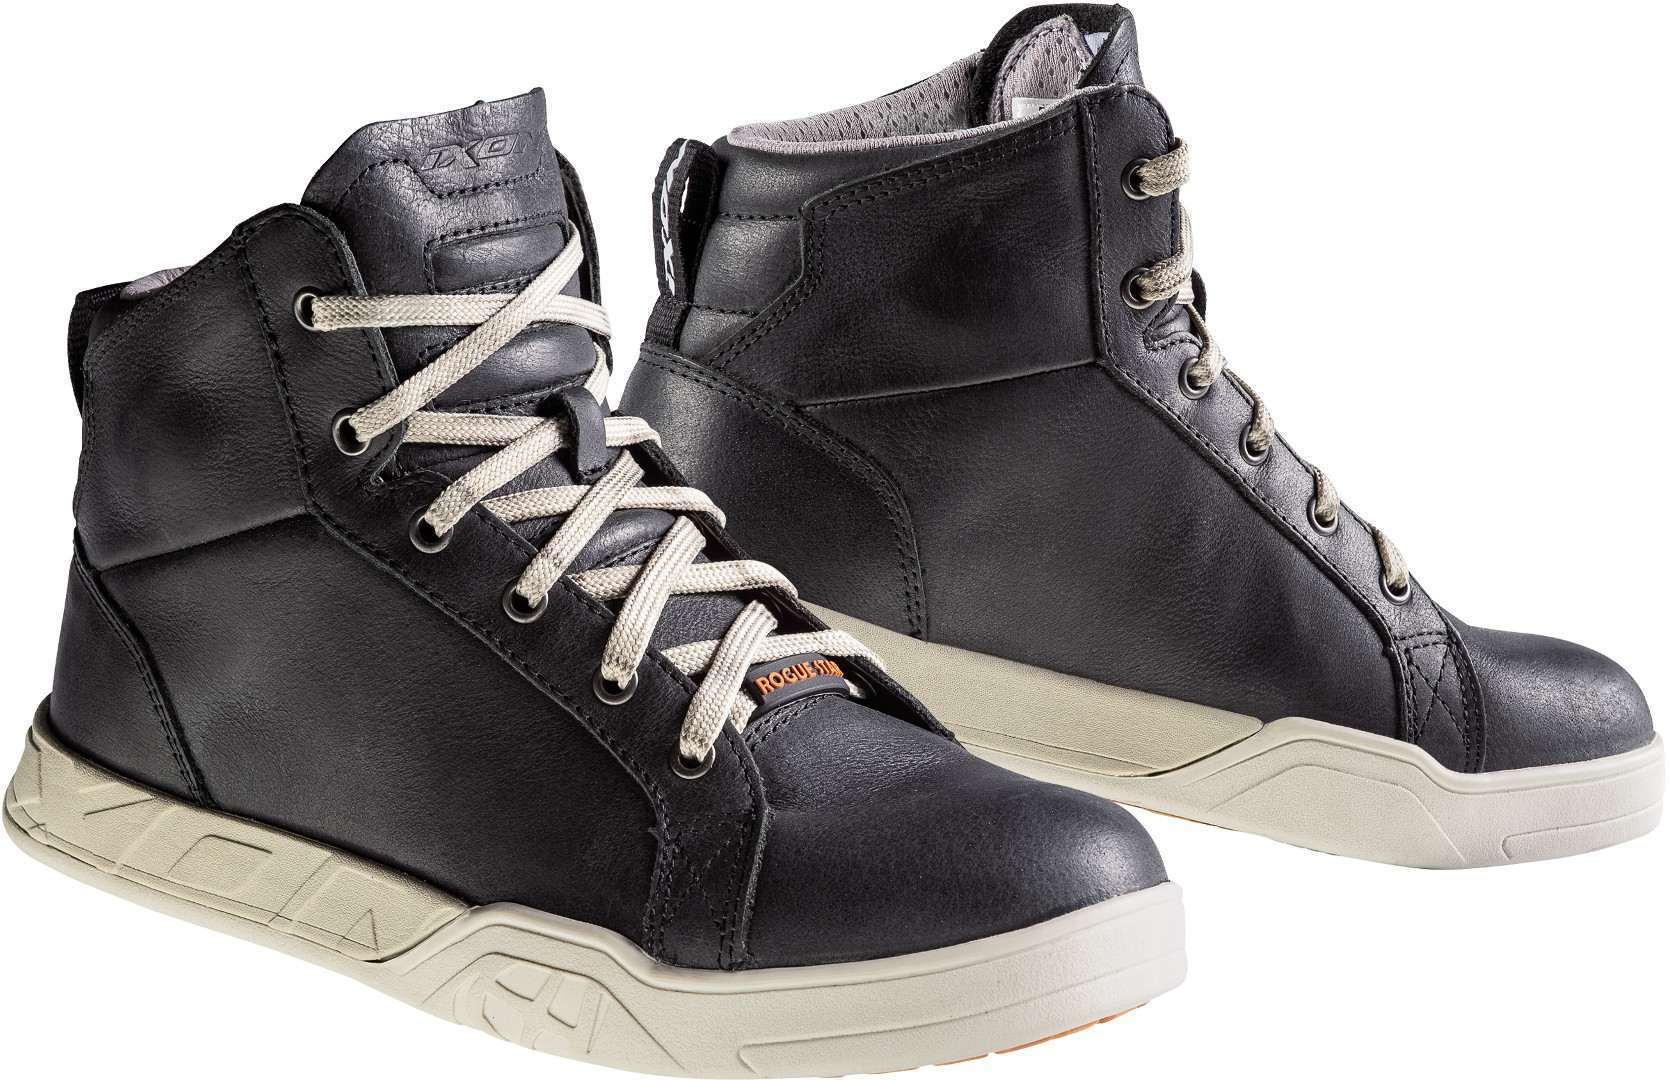 Ixon Rogue Star L Ladies chaussures de moto Noir taille : 36